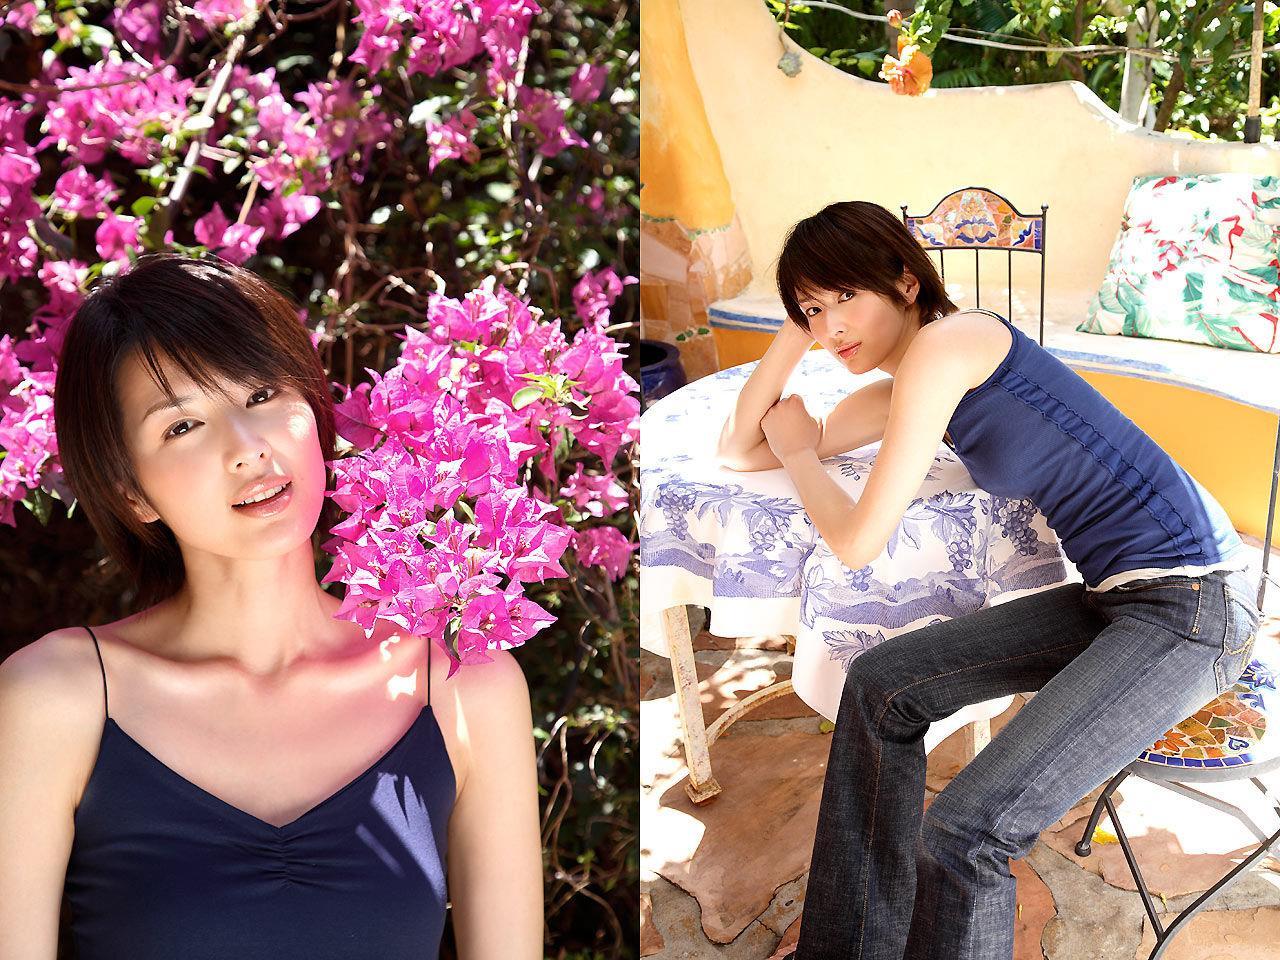 吉瀬美智子 画像 53